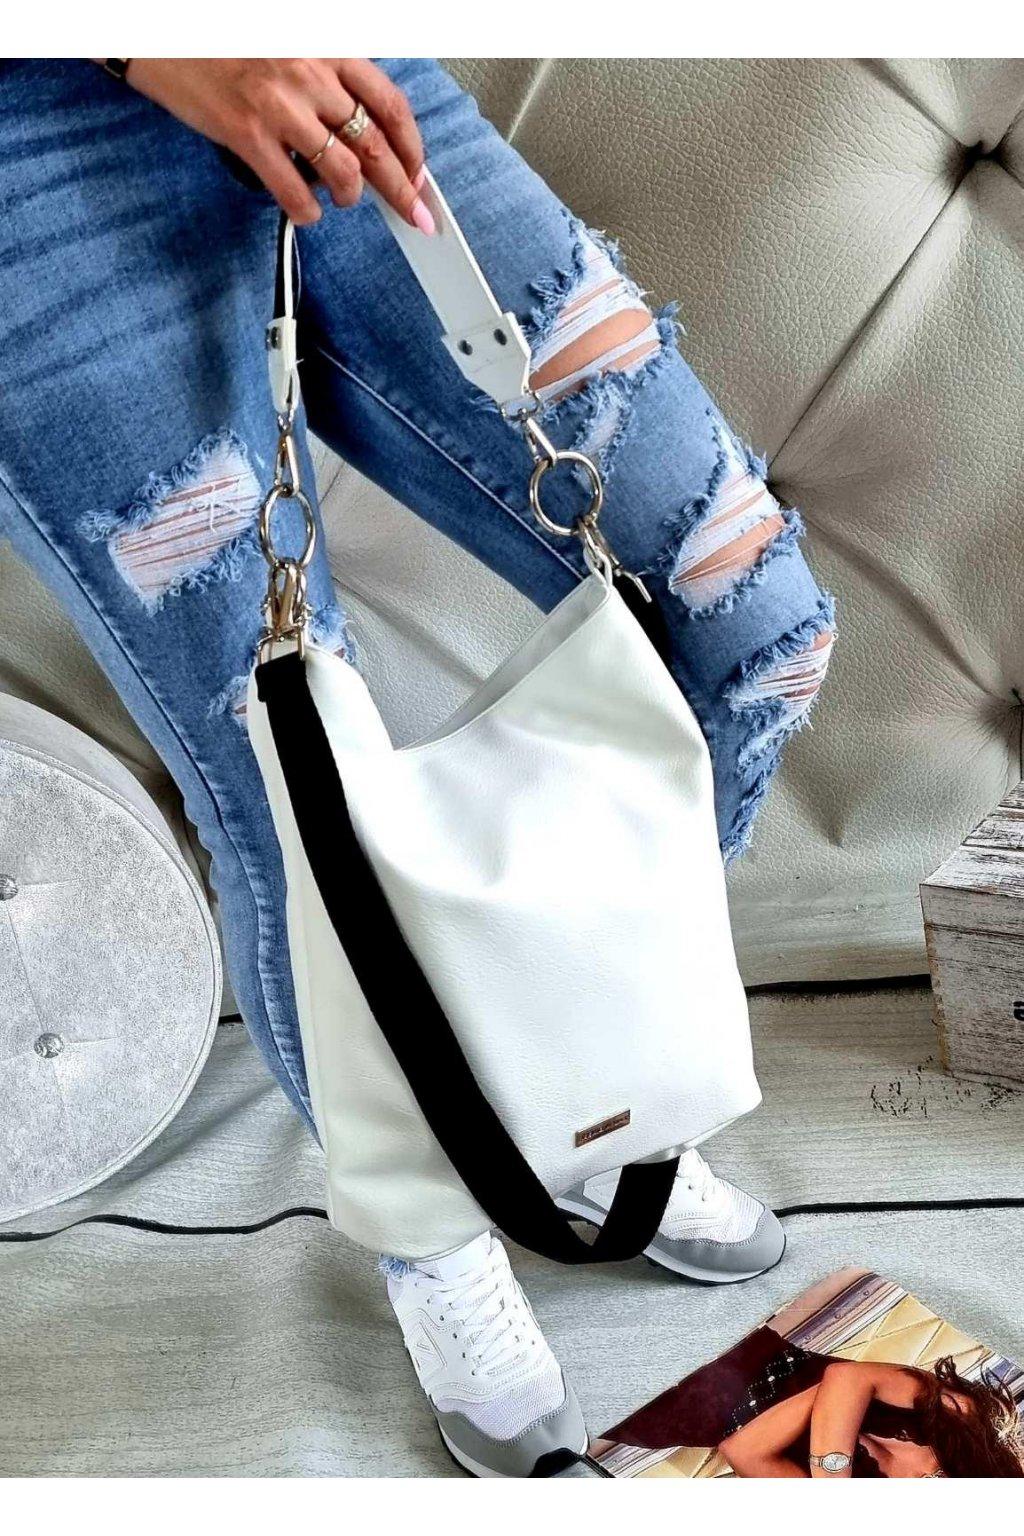 LAURA BIAGGI pytel vak bílý trendy kabelka luxusní značková italy style white